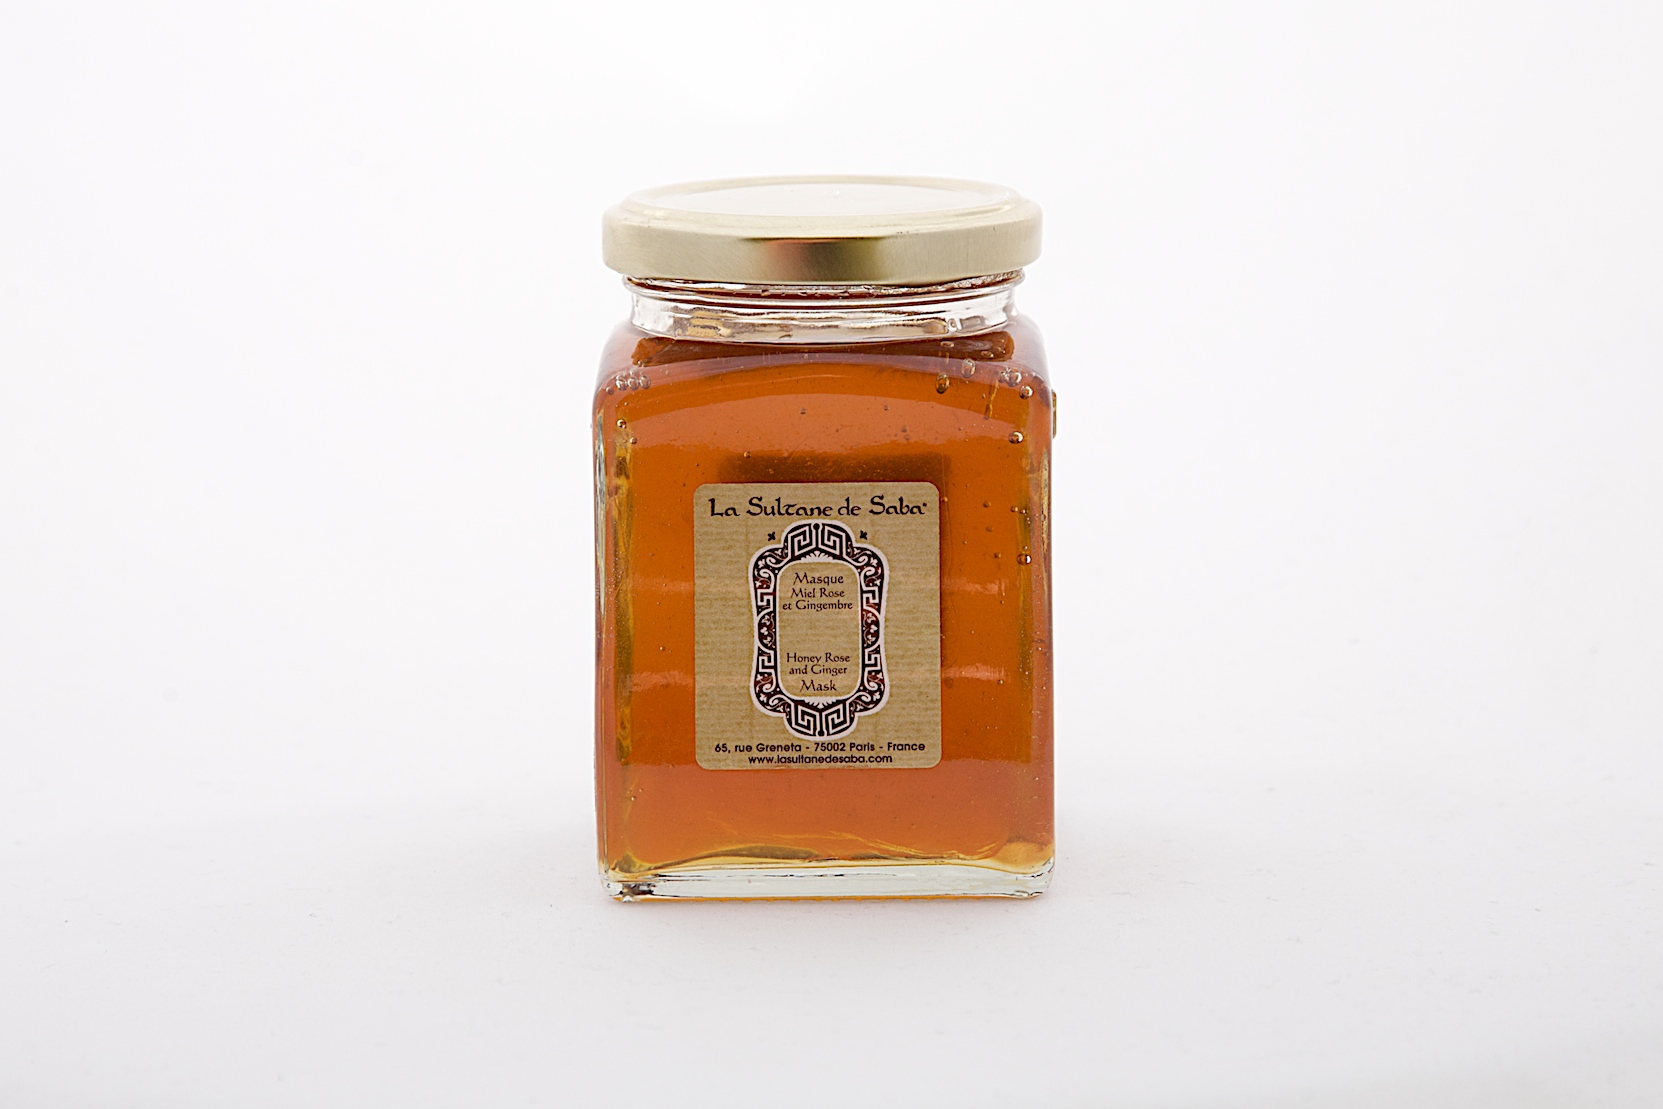 Indulging in Honey – La Sultane de Saba